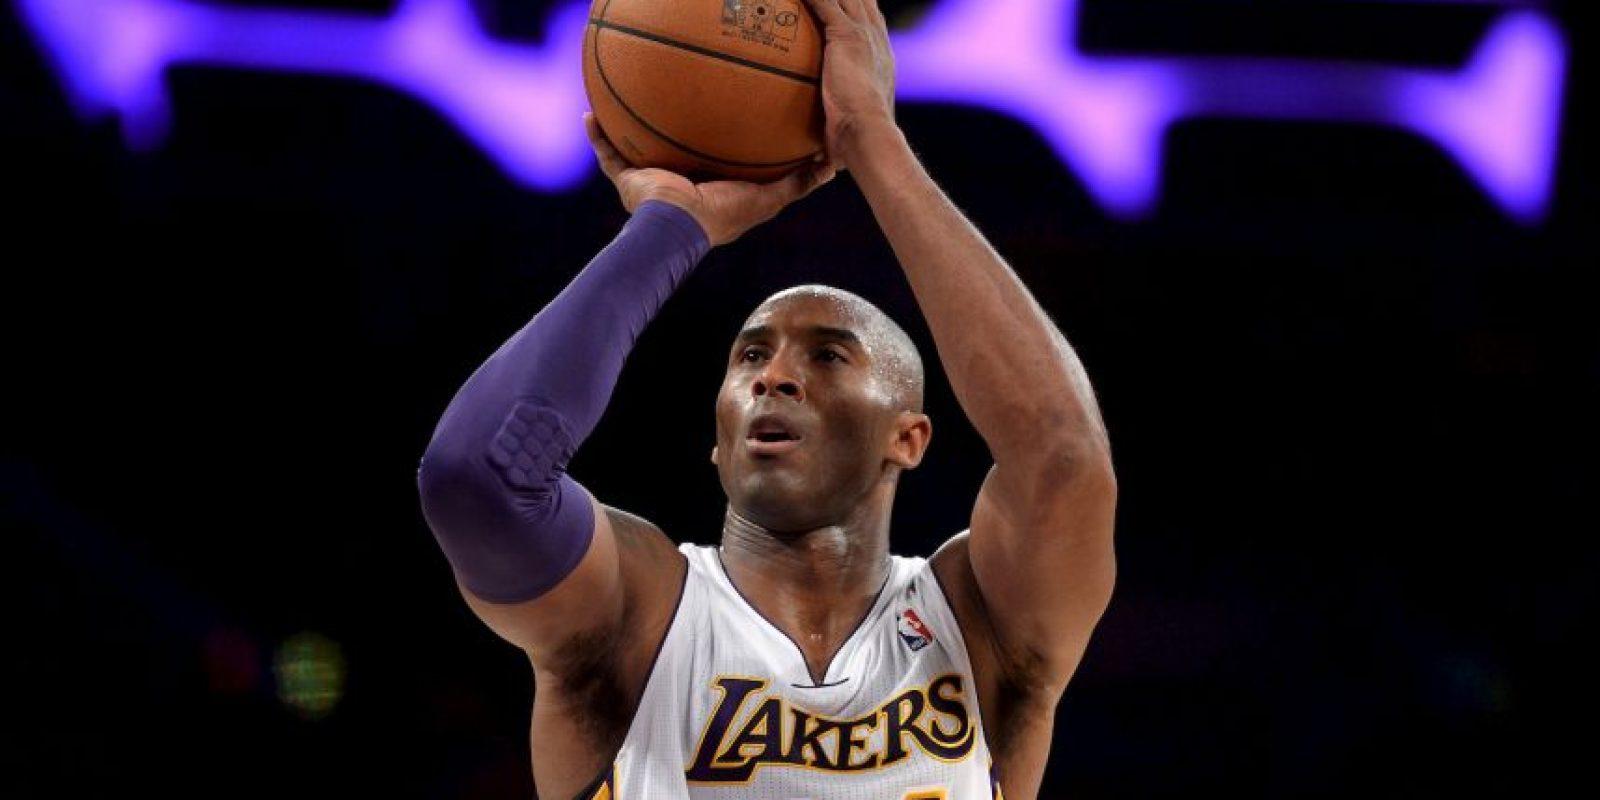 Los populares Lakers son una de las franquicias más seguidas de la NBA y tienen 16 anillos. Foto:Getty Images